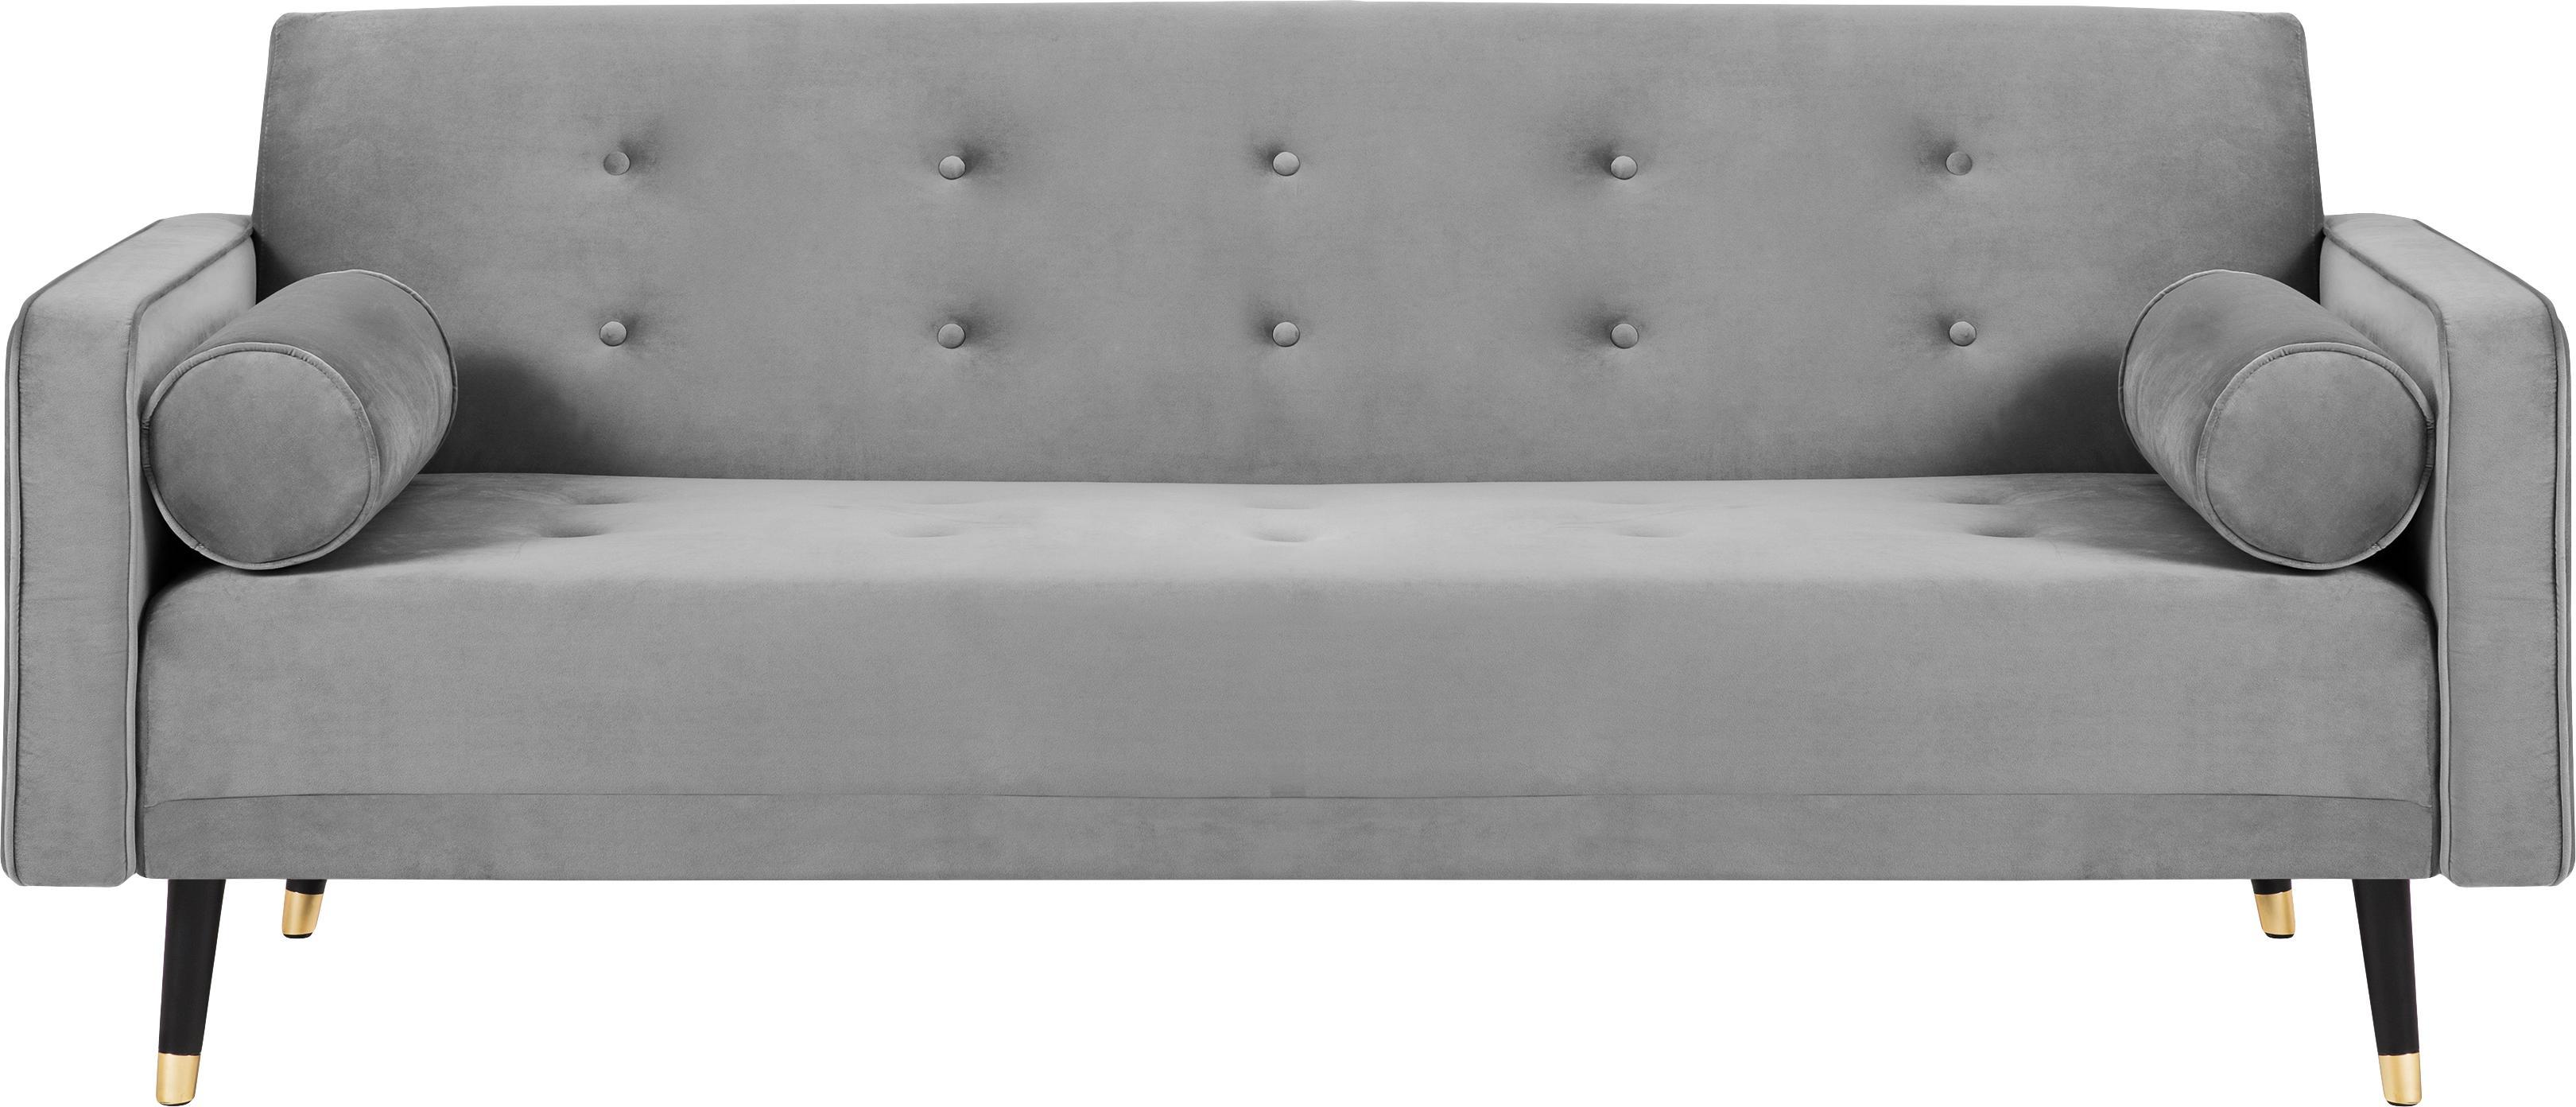 Fluwelen slaapbank Gia (3-zits), Bekleding: polyester fluweel, Frame: massief grenenhout, Poten: gelakt beukenhout, Lichtgrijs, B 212 x D 93 cm